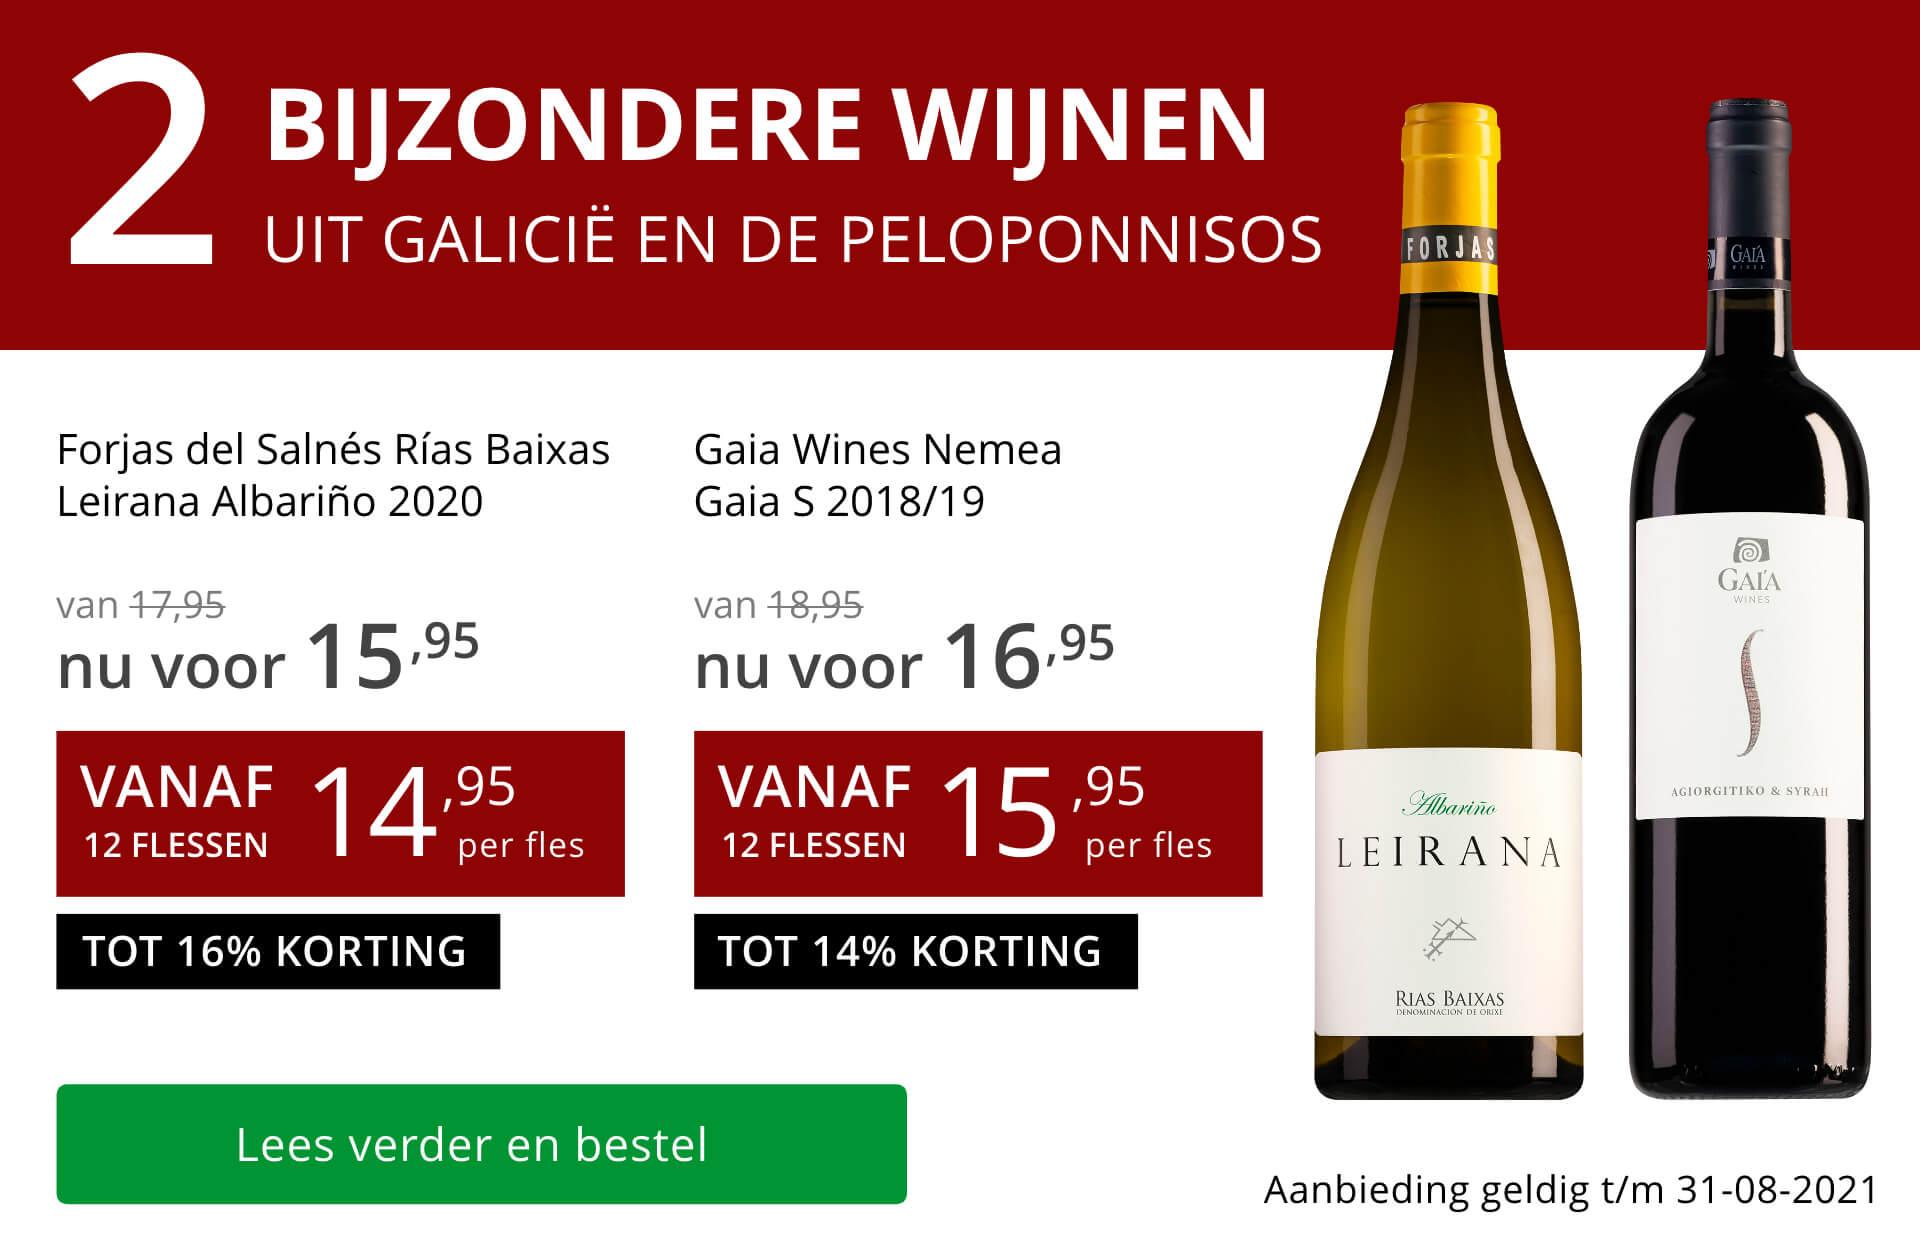 Twee bijzondere wijnen augustus 2021 - rood